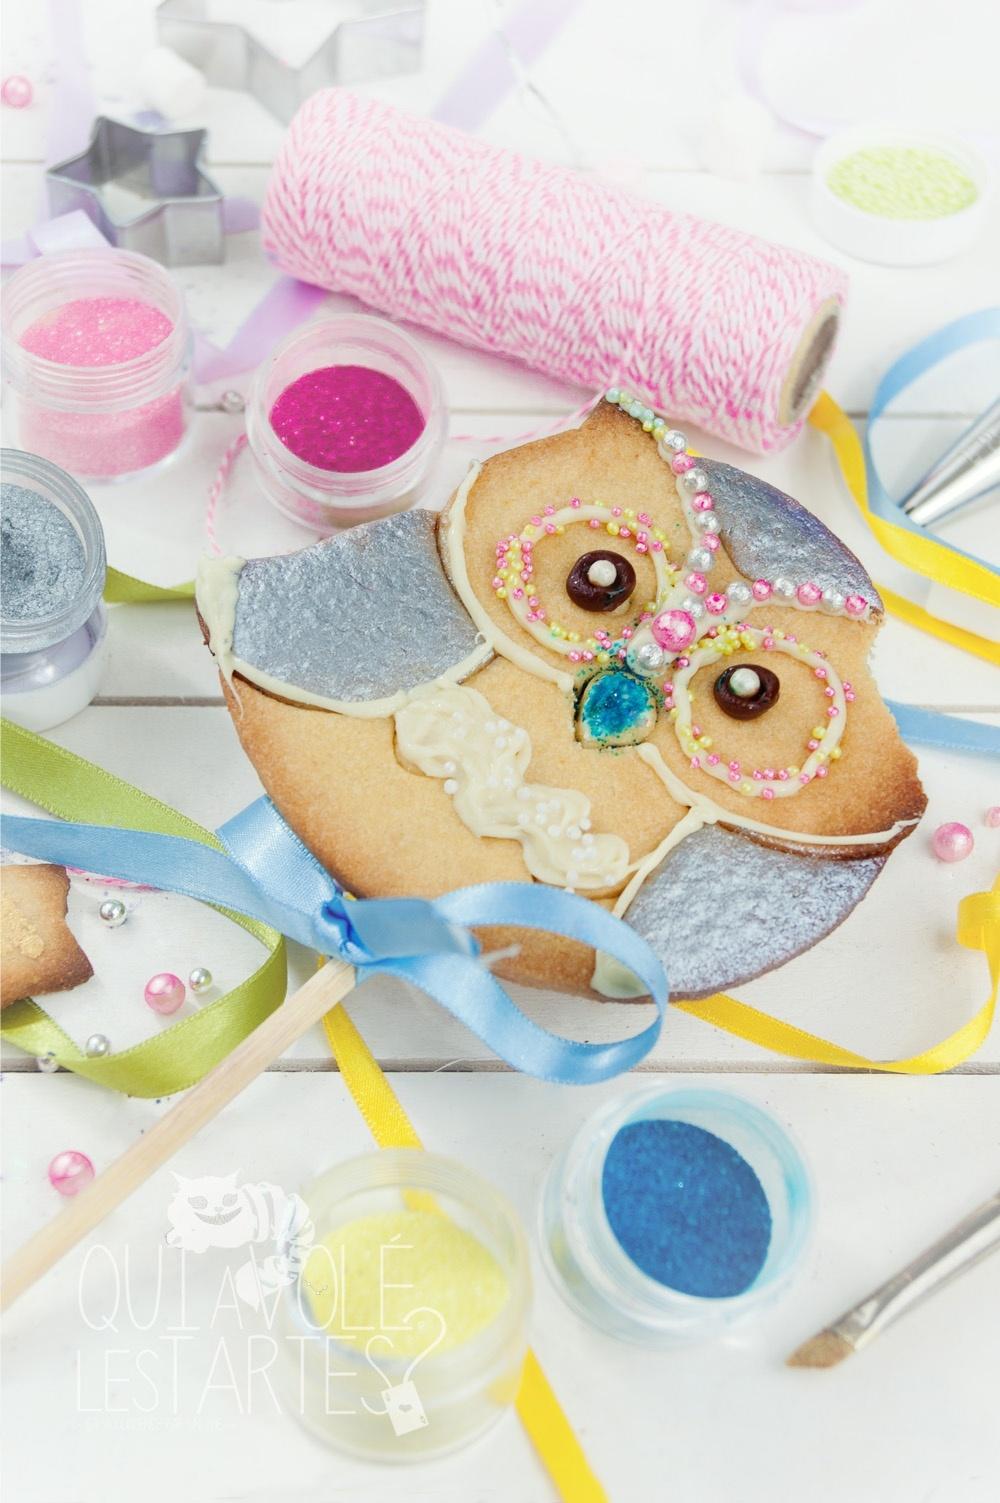 Gâteaux sucettes - Sablé à colorier 3 - Studio de création - Qui a volé les tartes